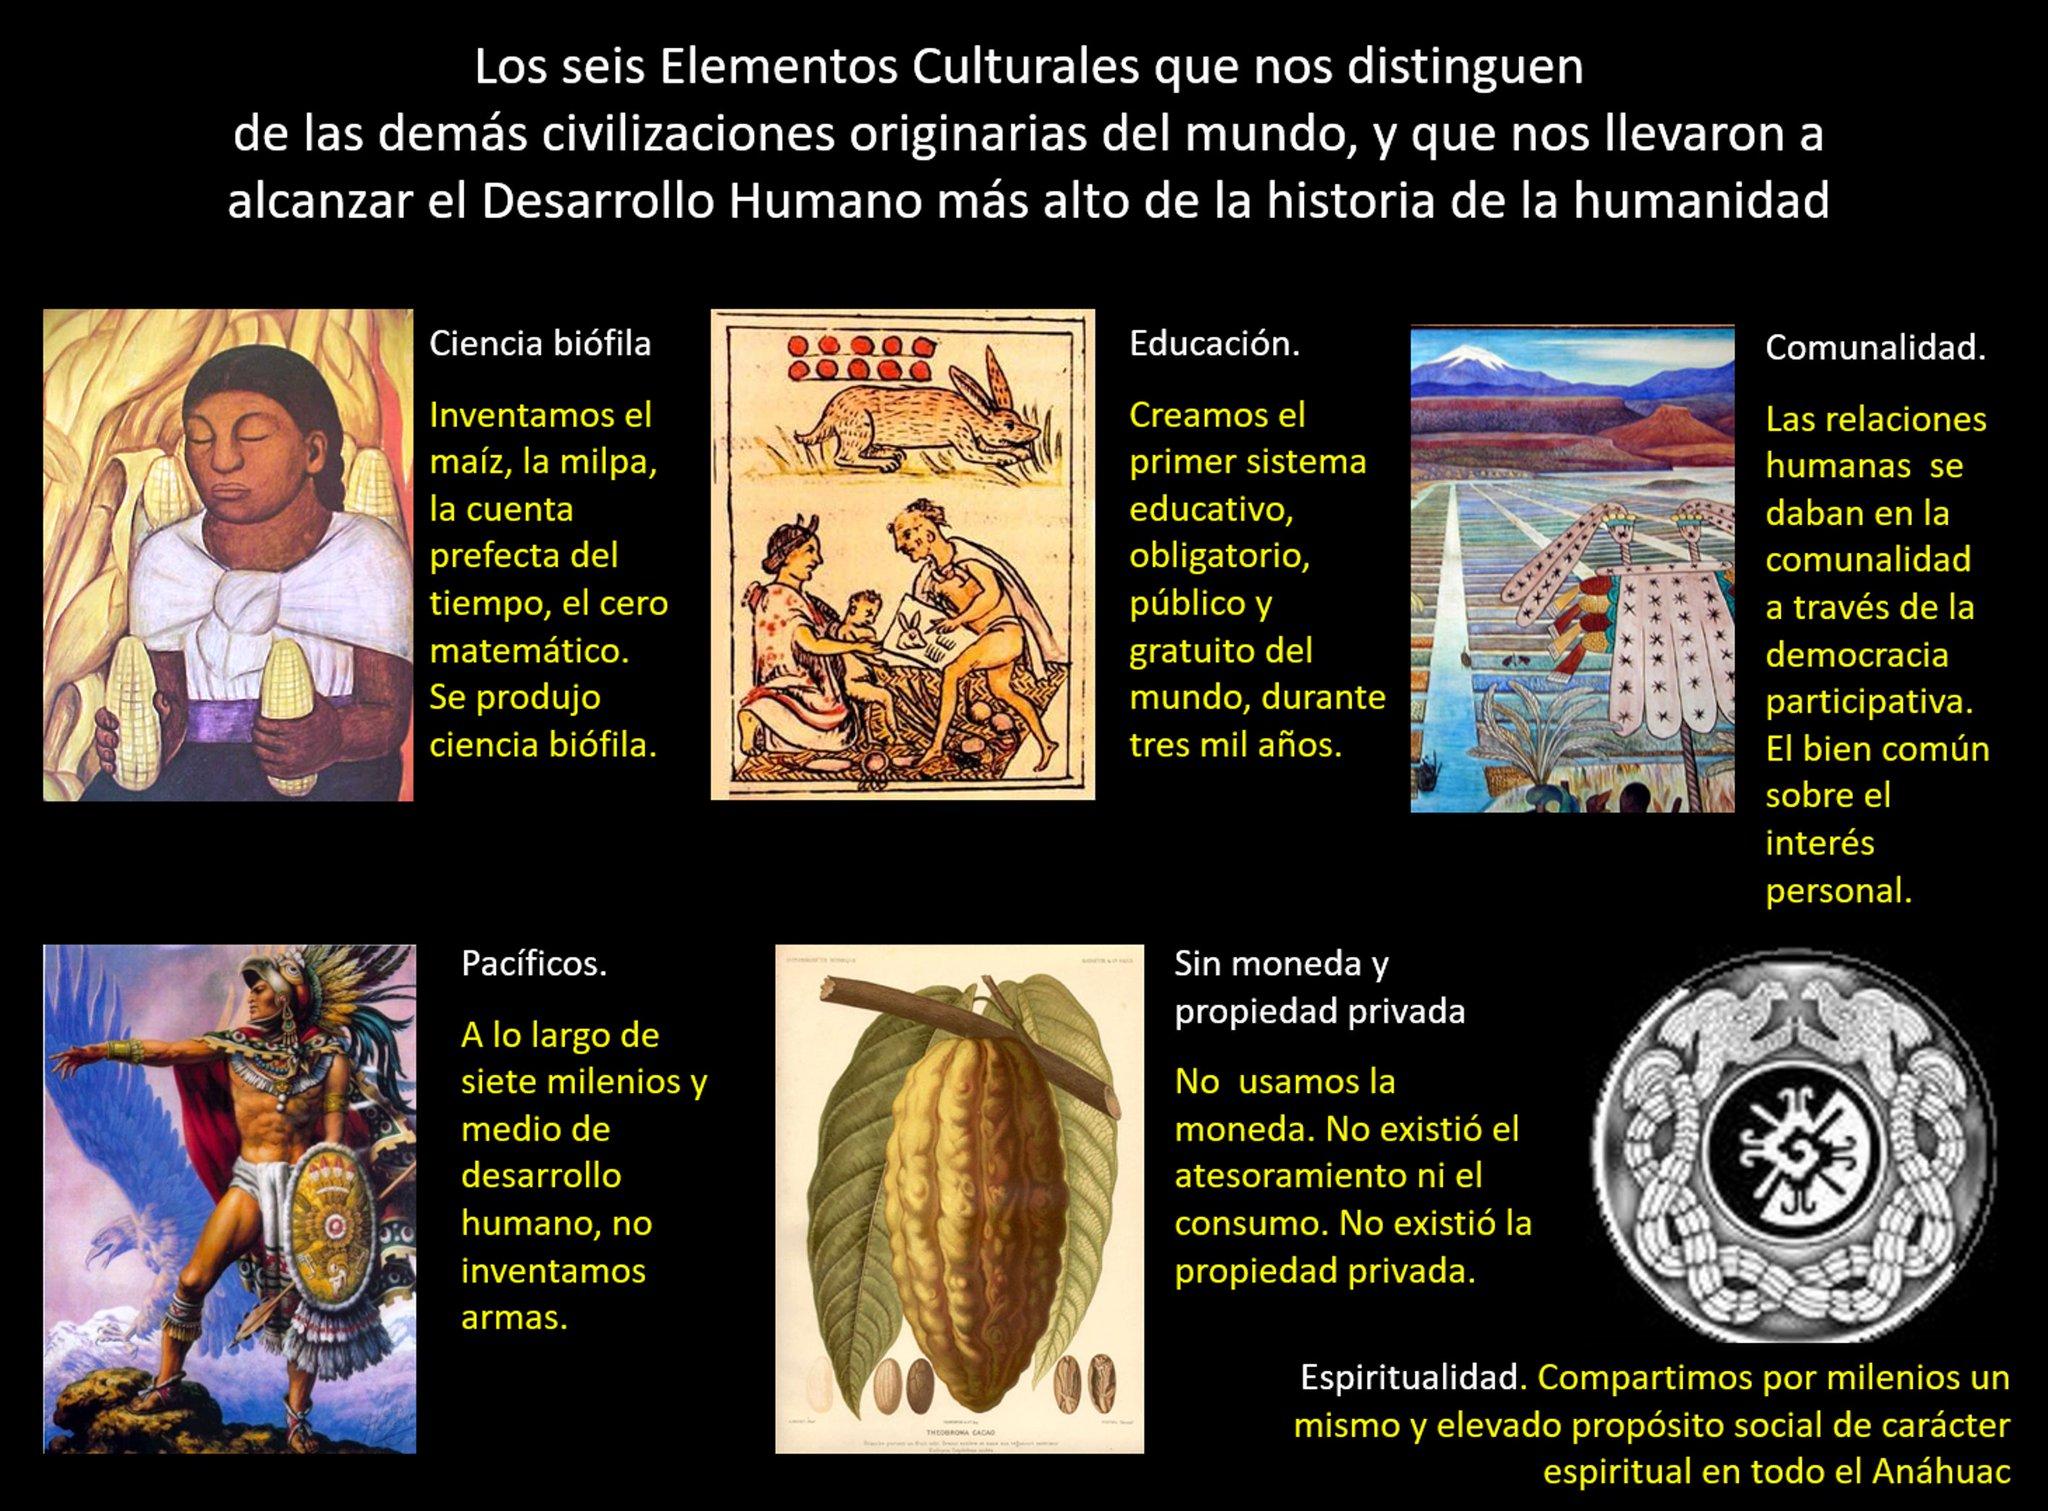 Los seis elementos culturales que distinguen a la civilización del Anáhuac.